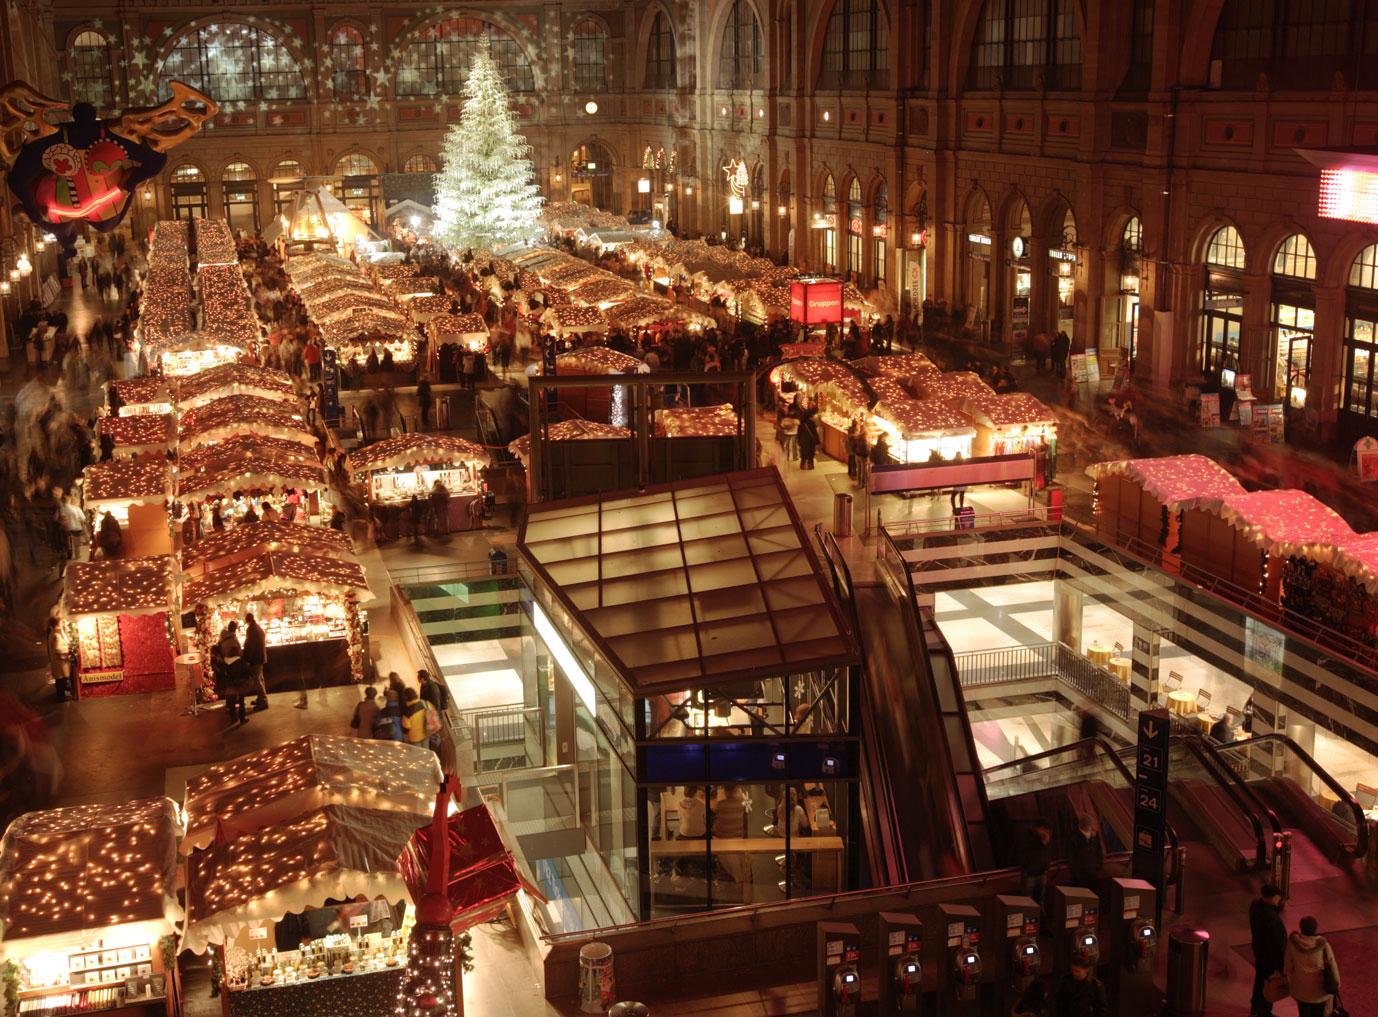 Weihnachtsmarkt Zürich.Gemeinsame Feier Von Weihnachten Und Silvester In Zürich Dank